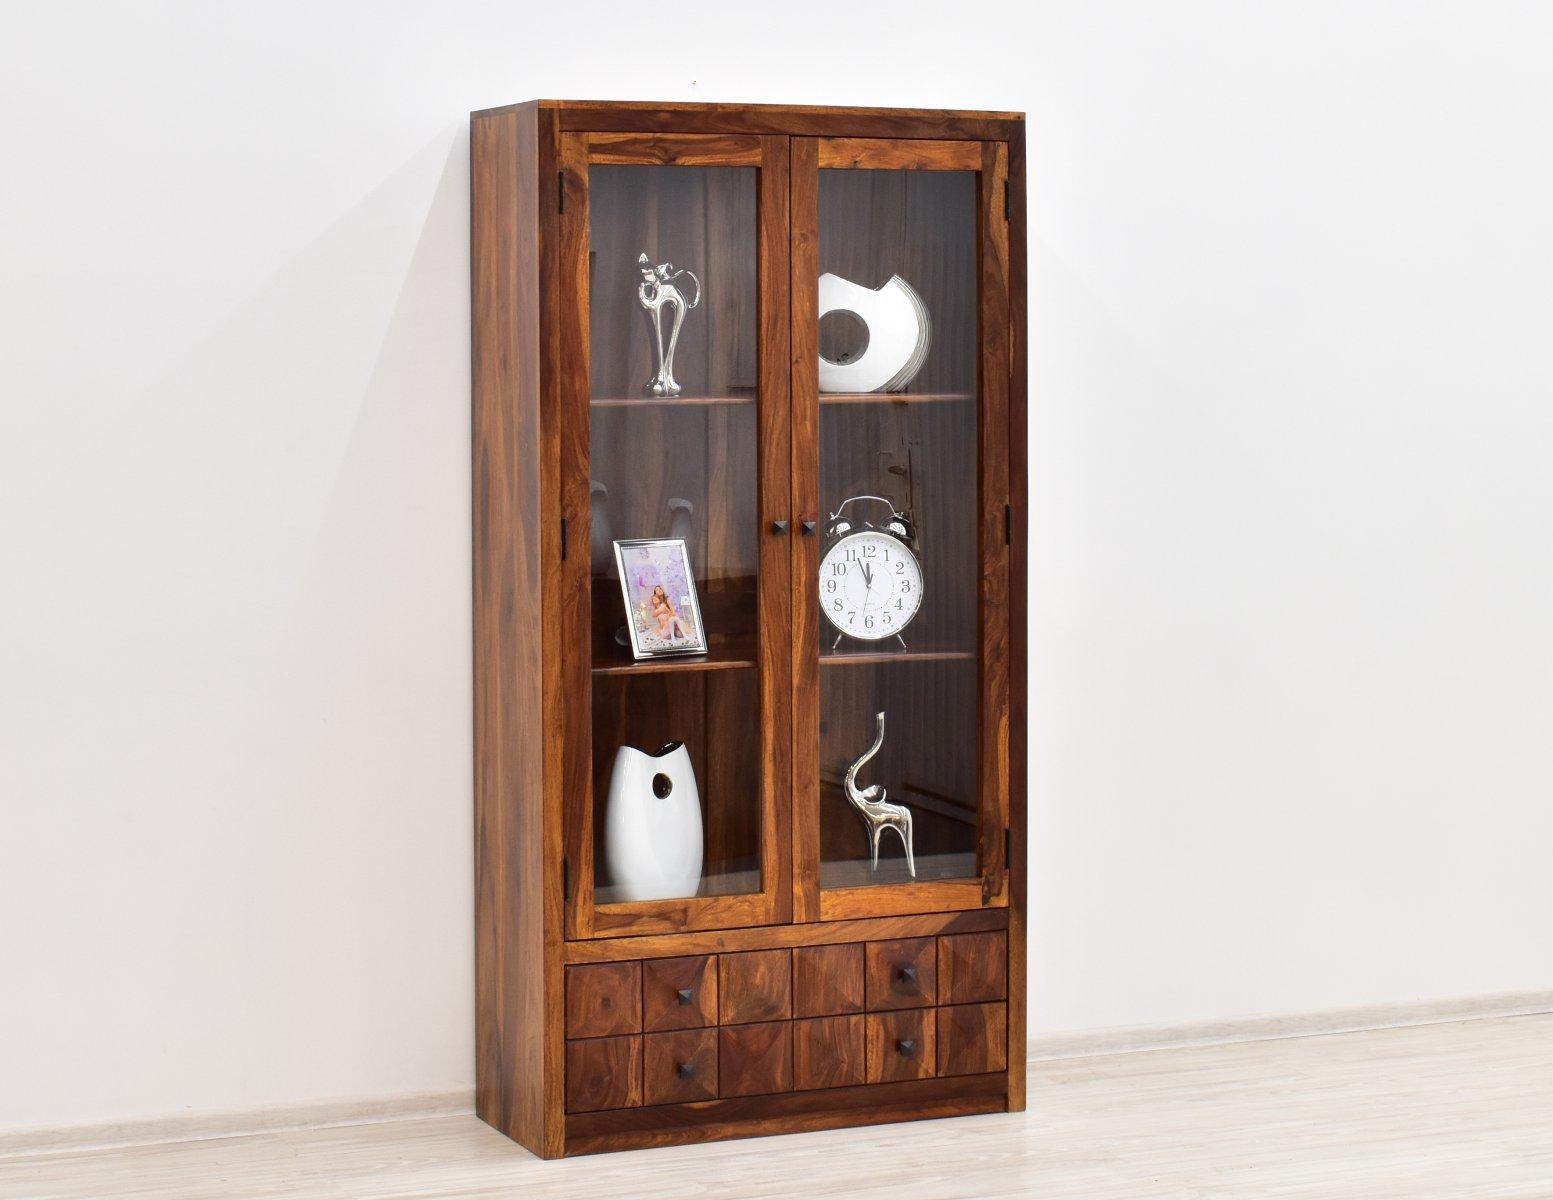 Witryna indyjska lite drewno palisander miodowy brąz z szufladami